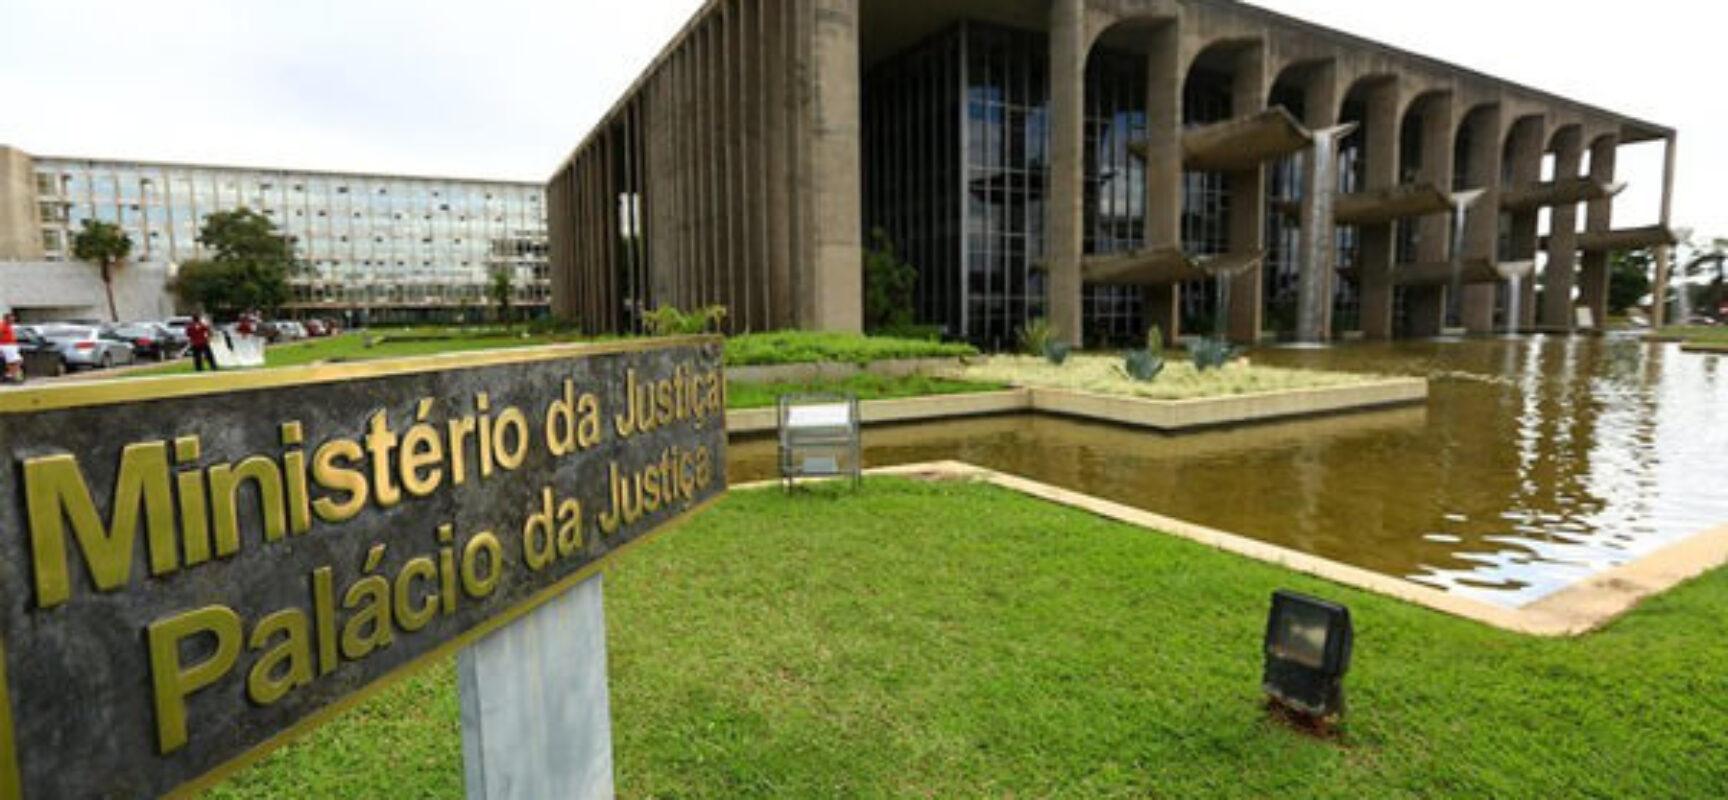 Governo altera estrutura do Ministério da Justiça